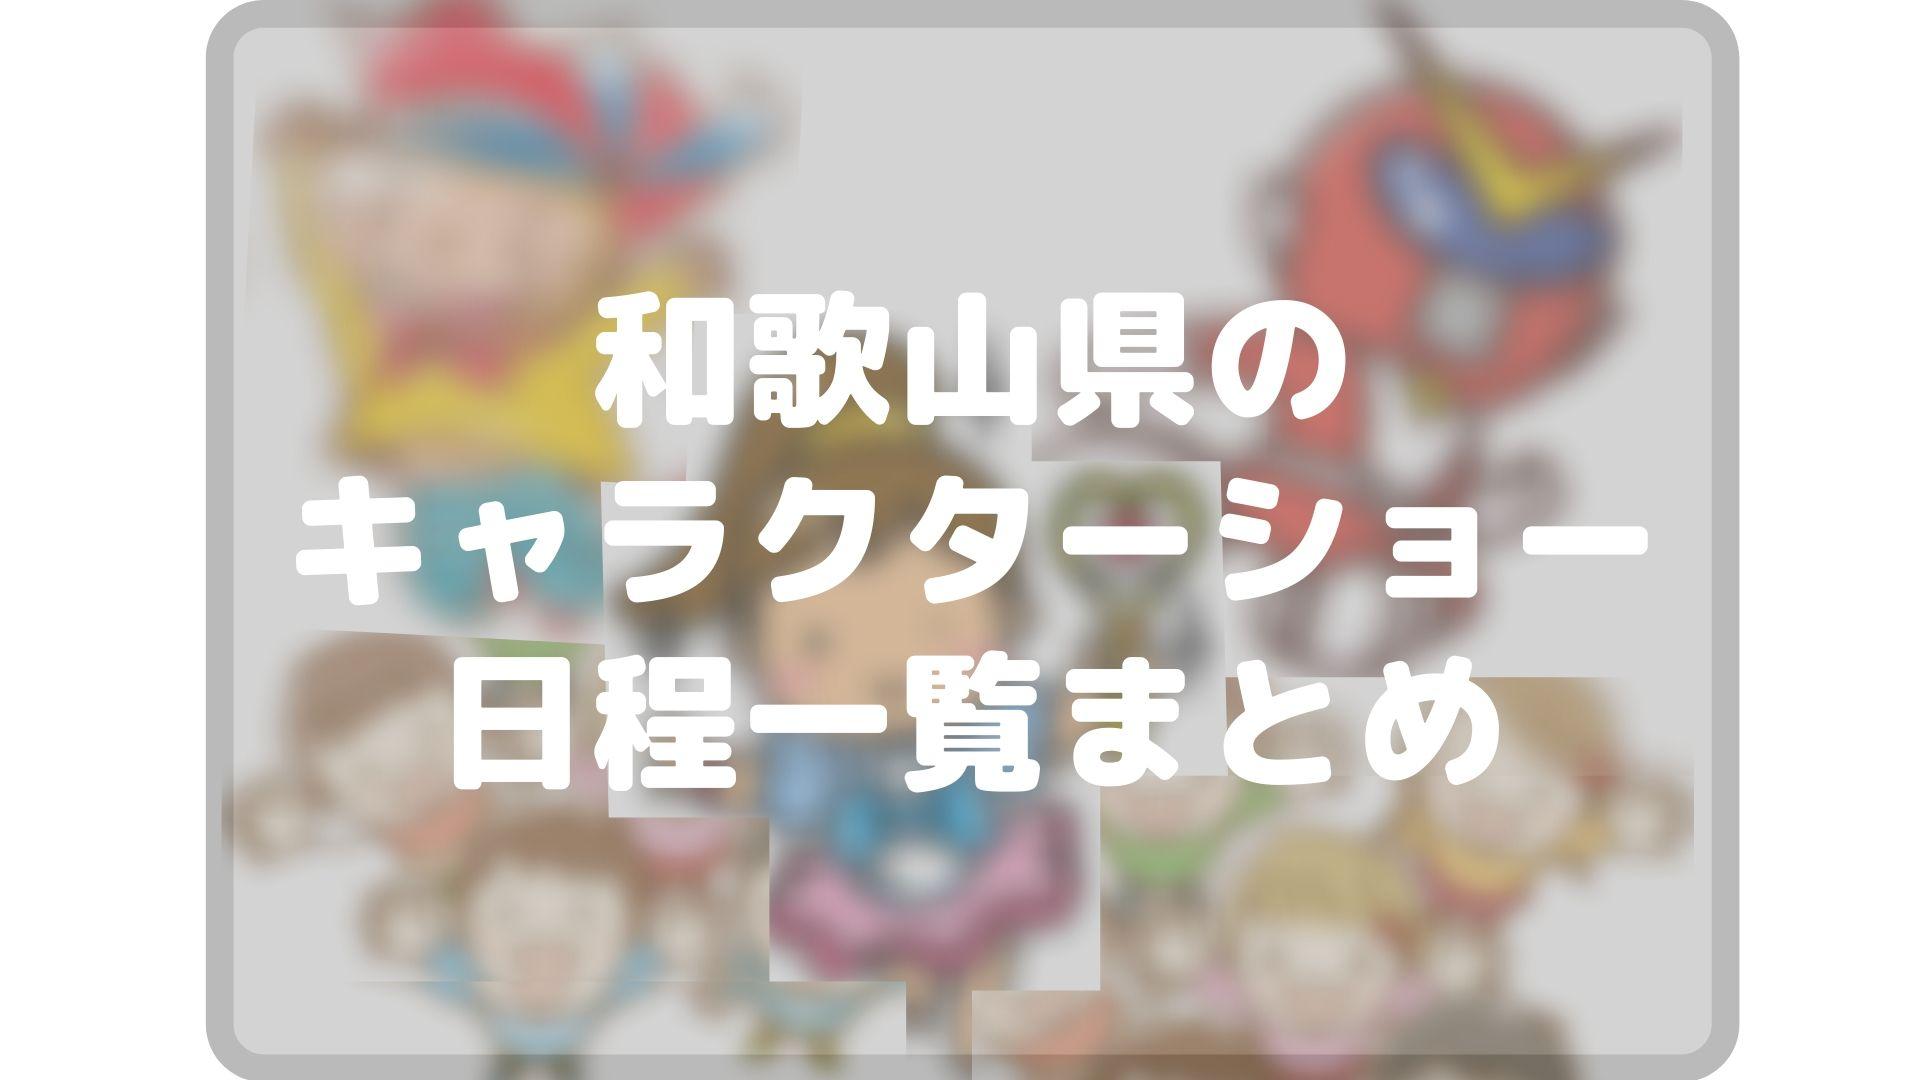 和歌山県のキャラクターショーまとめタイトル画像